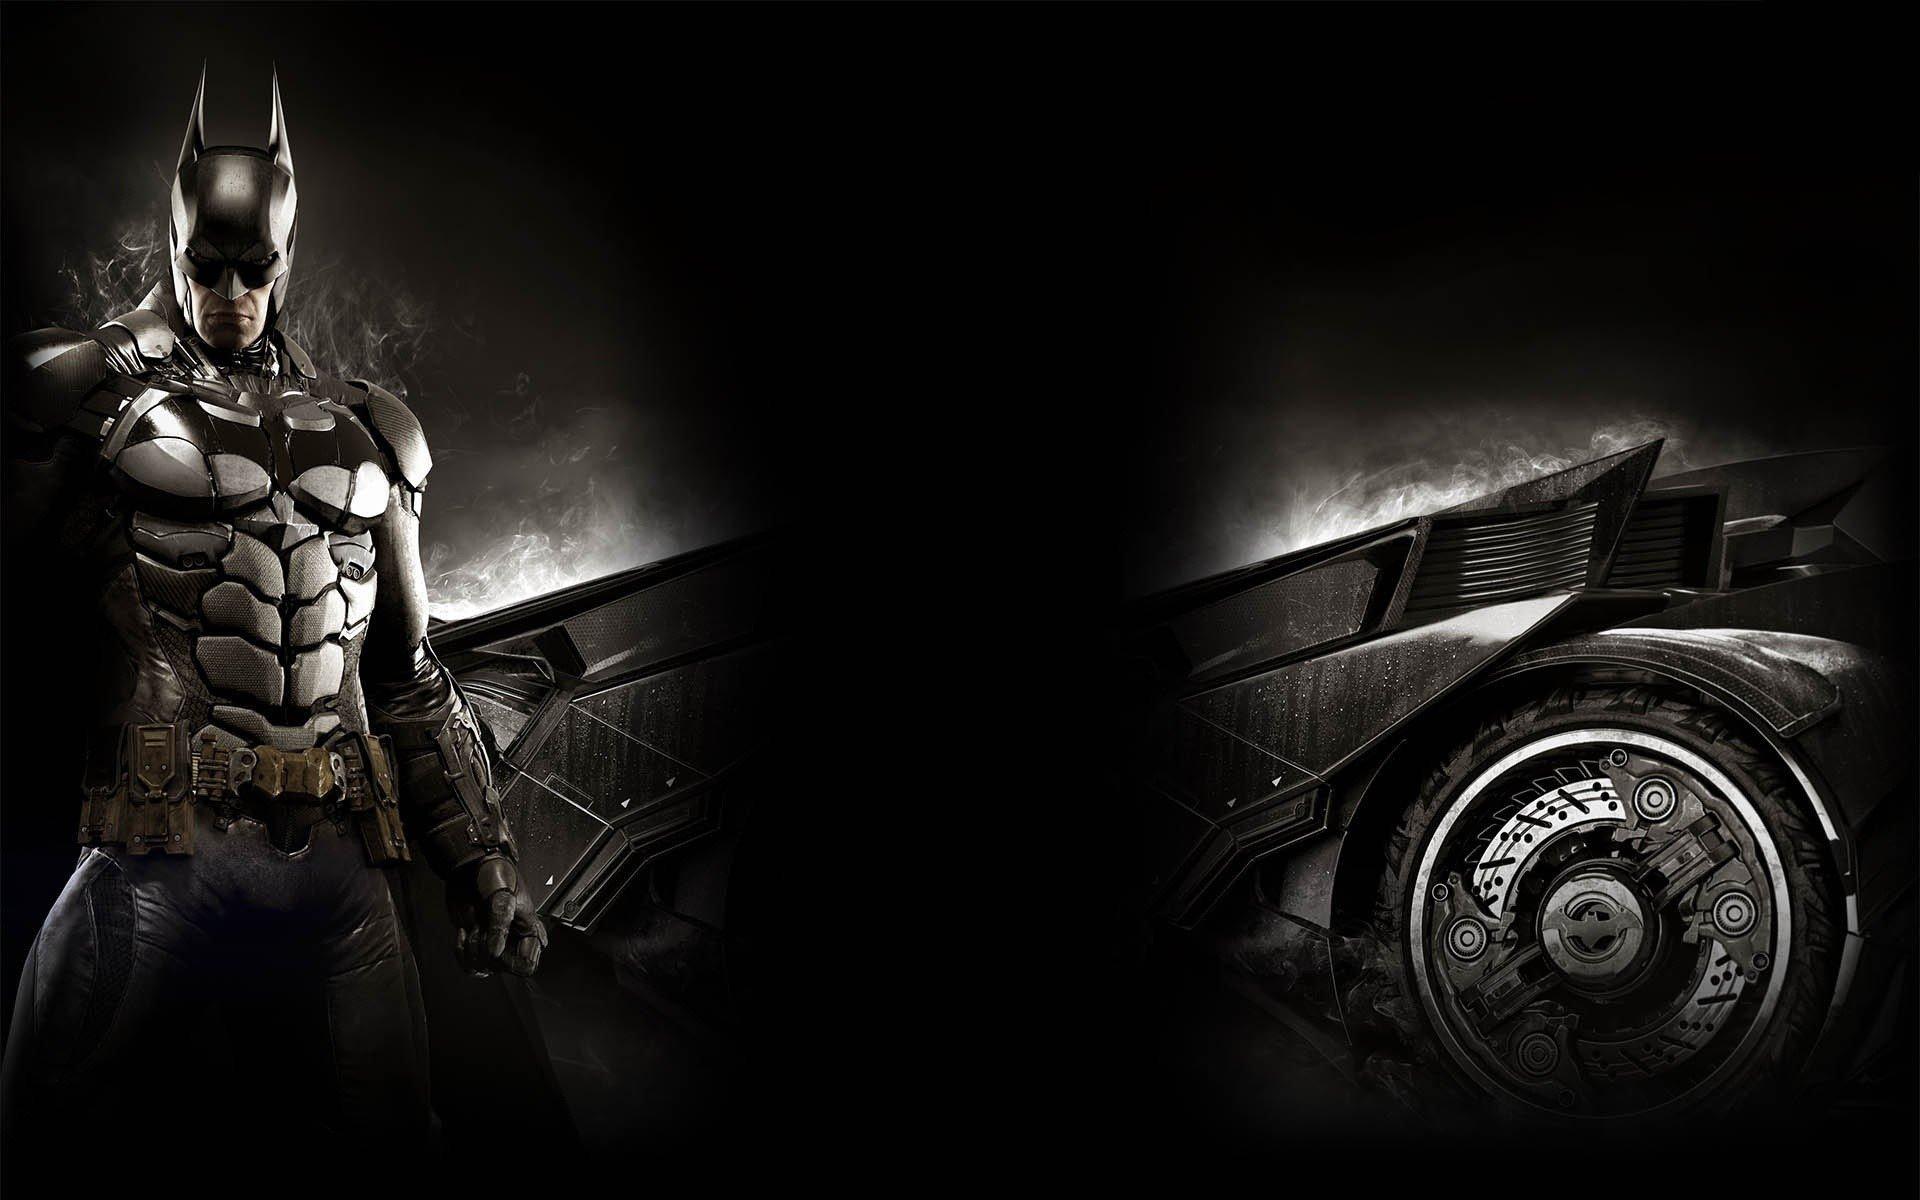 Fondo de pantalla de Edición limitada de Batman Arkham Knight Imágenes